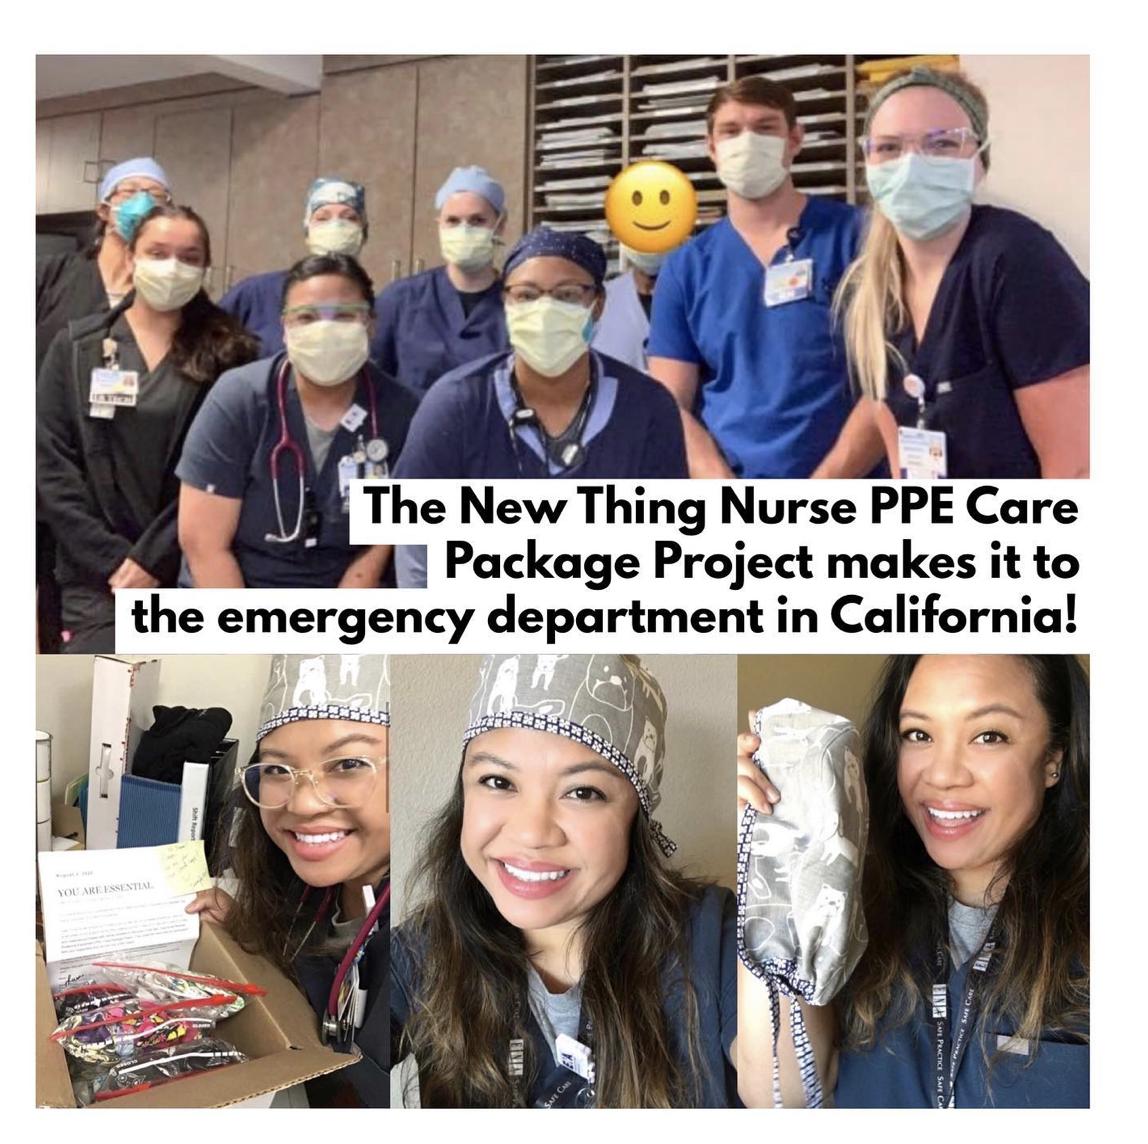 2020年8月8日:加利必威博彩app下载福尼亚斯托克顿市一家社区医院急诊科收到了一套护士个人防护装备护理包,里面是手工制作的磨砂帽。点击上面的图片阅读更多!